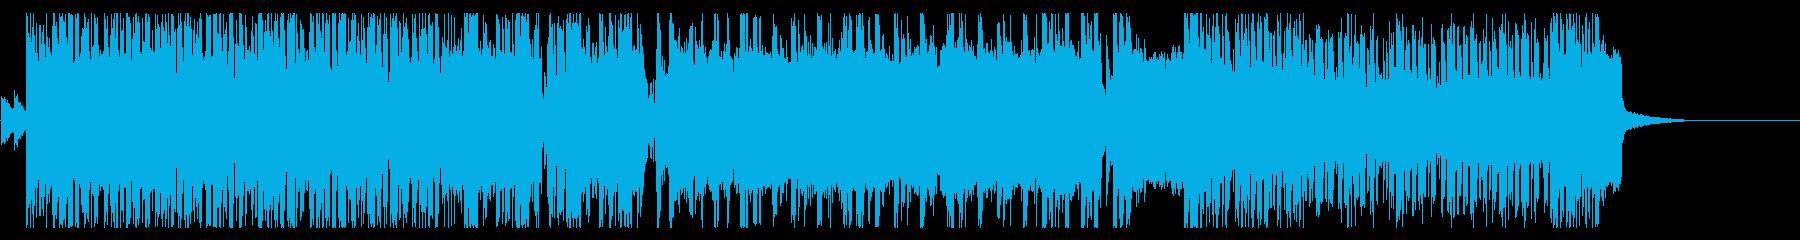 80年代風・王道スラッシュメタル Bの再生済みの波形